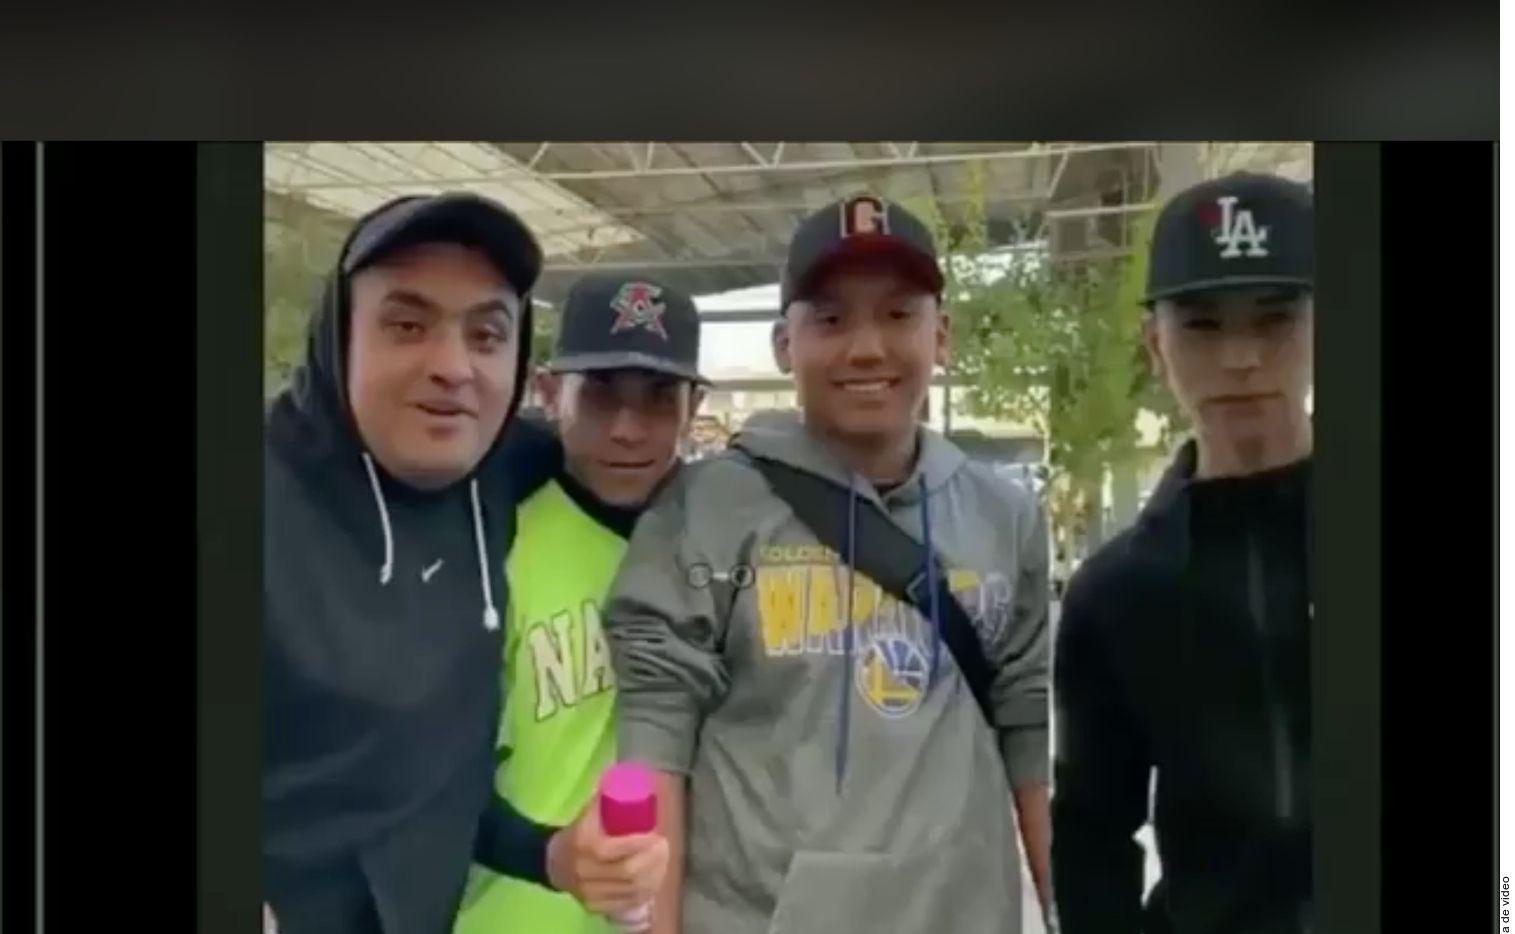 Estos serían los cuatro jóvenes rastreados por las agresiones. (Toma de Twitter)